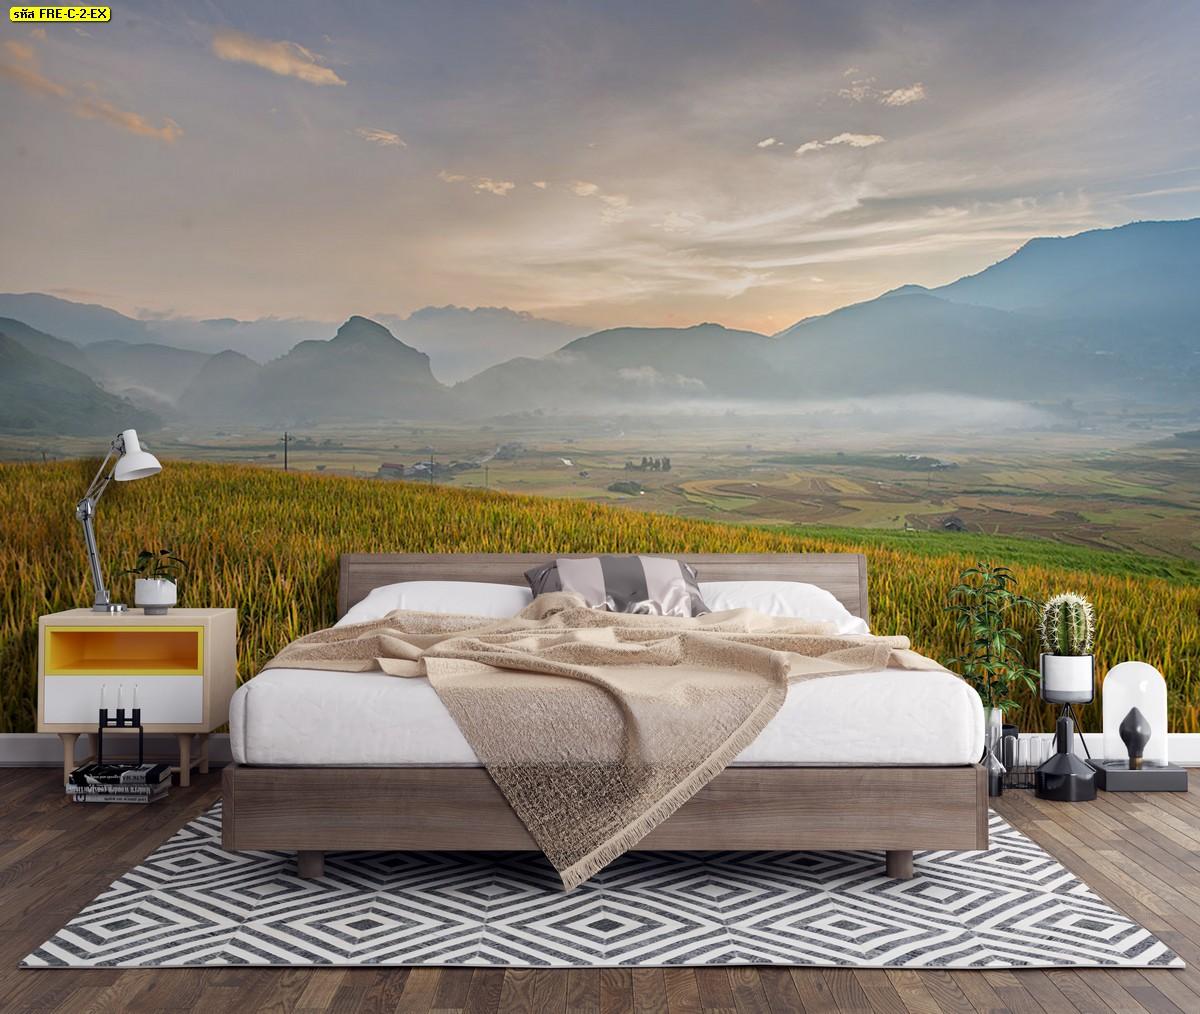 ไอเดียห้องนอนสีพื้นกับรูปภาพสั่งทำติดผนัง สั่งทำภาพวิวภูเขาและทุ่งนาสีทอง